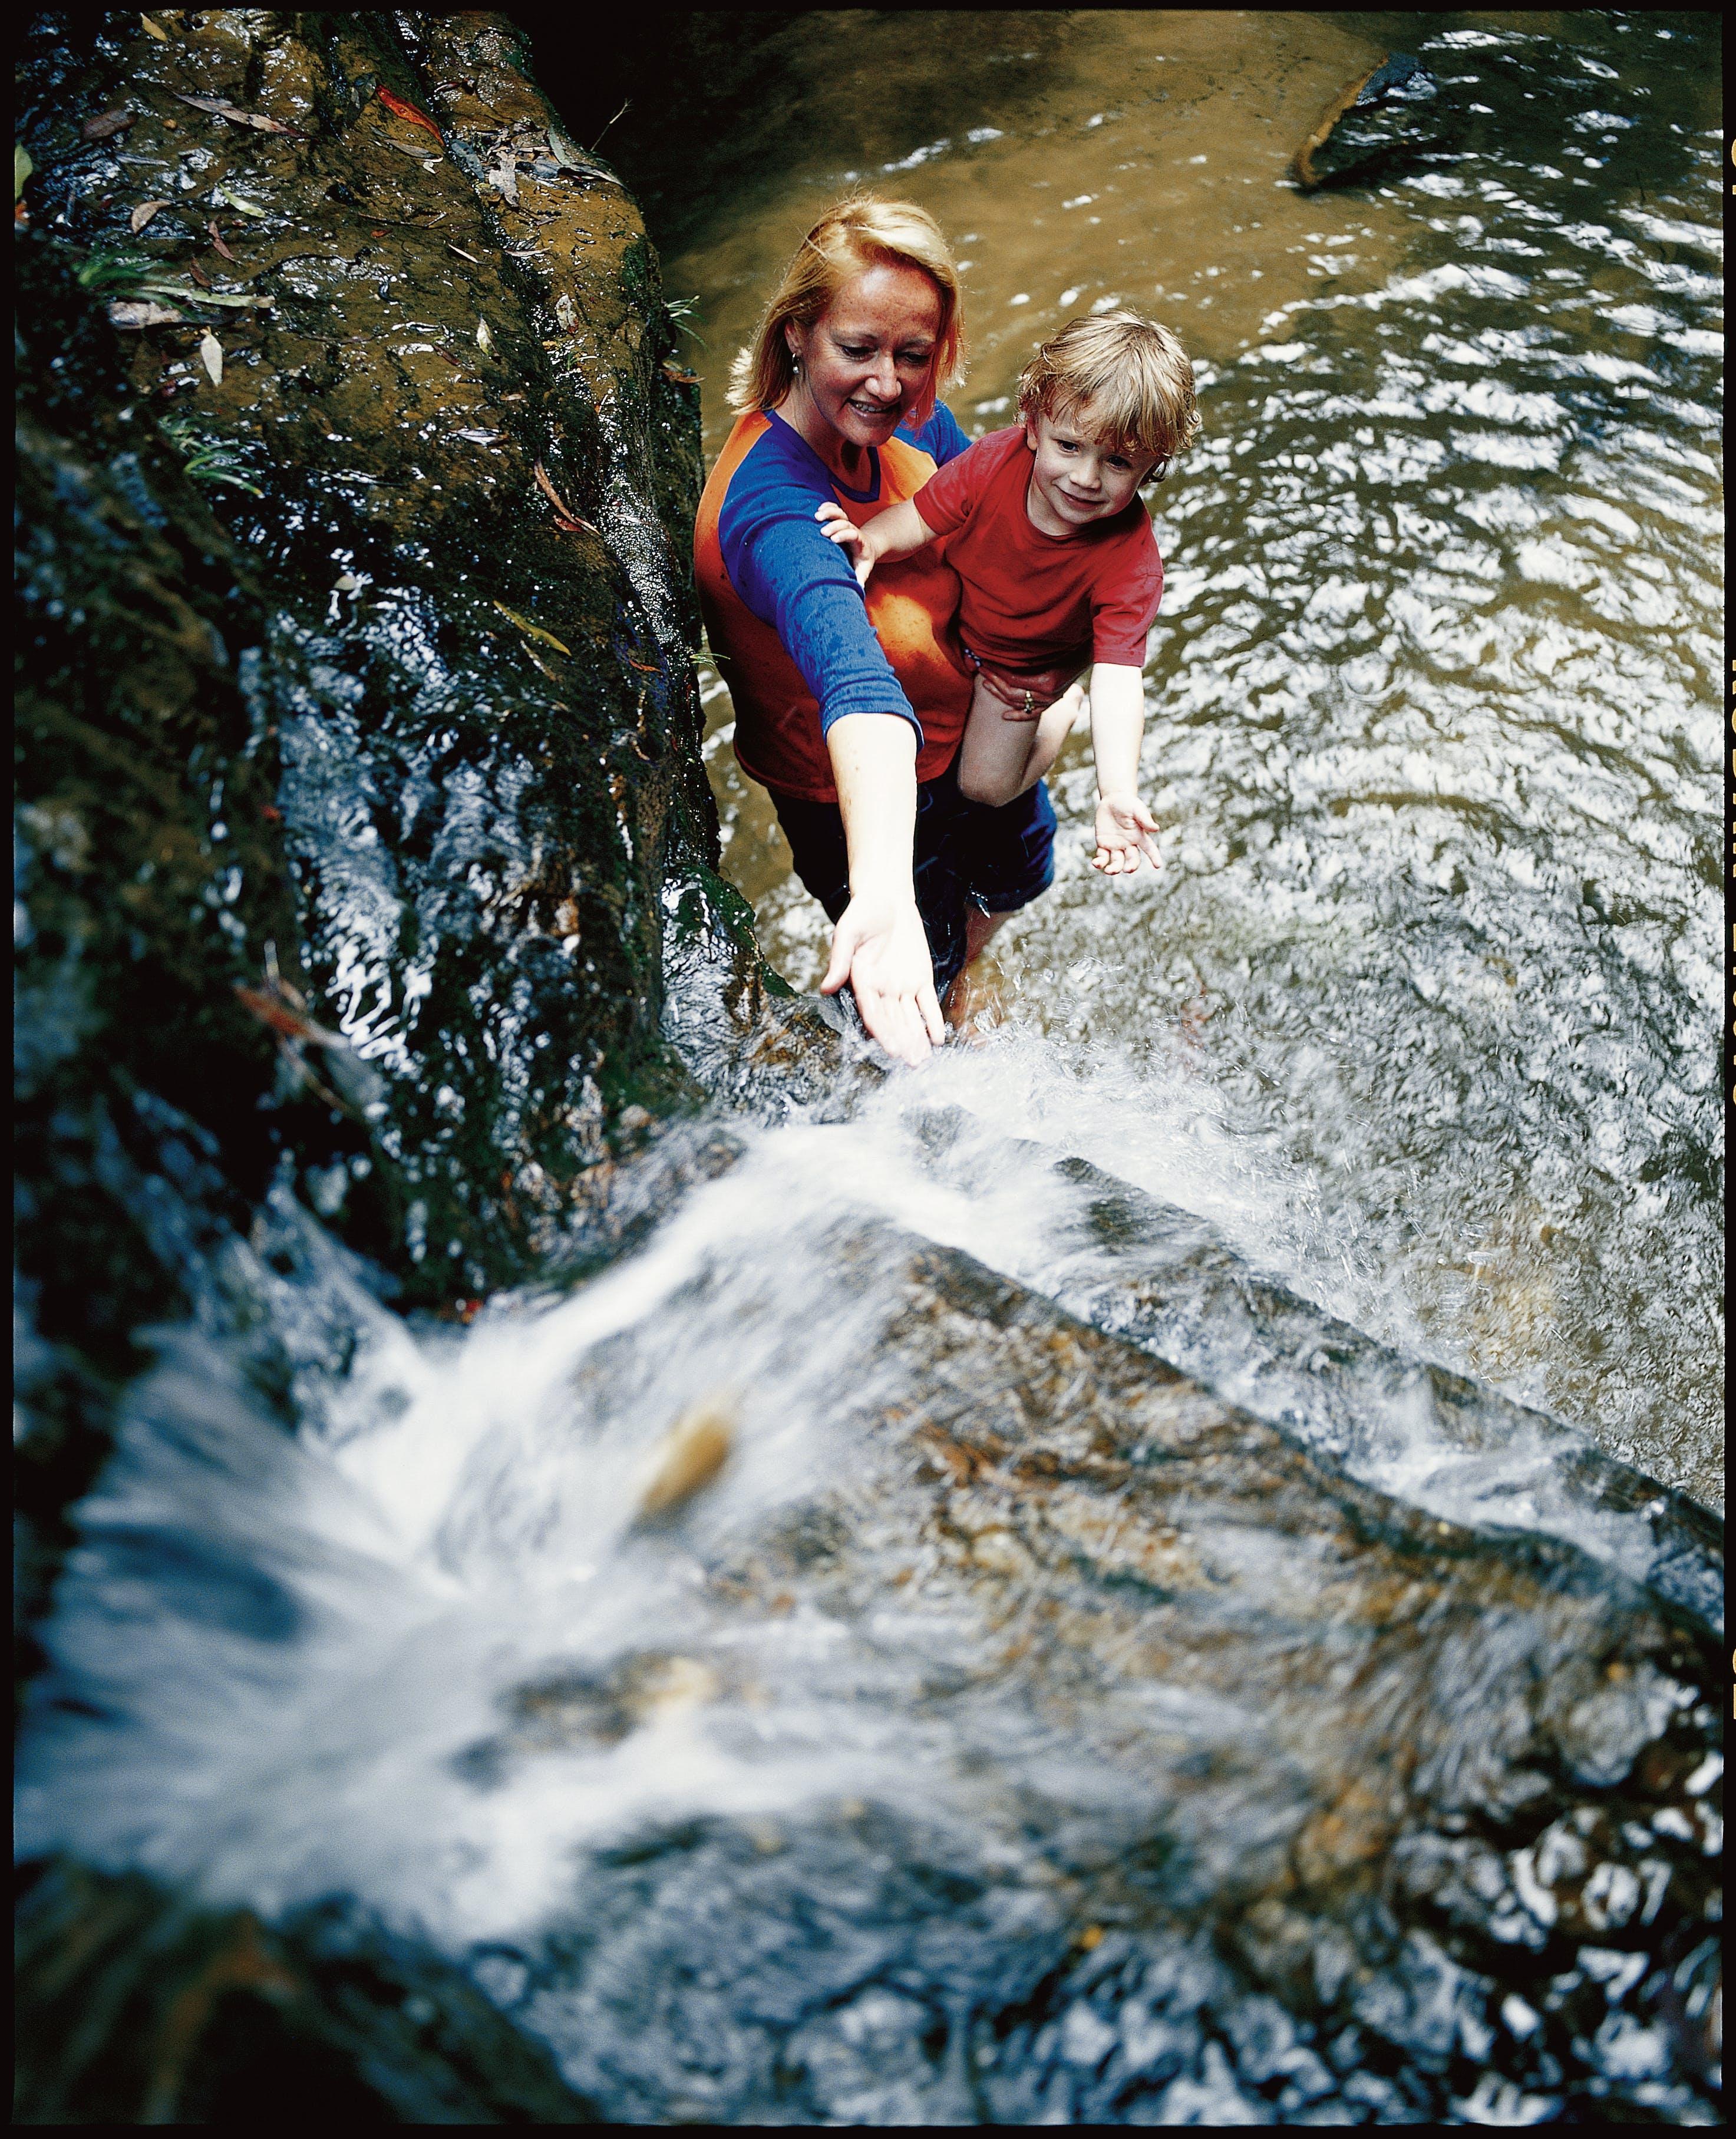 D_Terrace falls - mum_kid waterfall